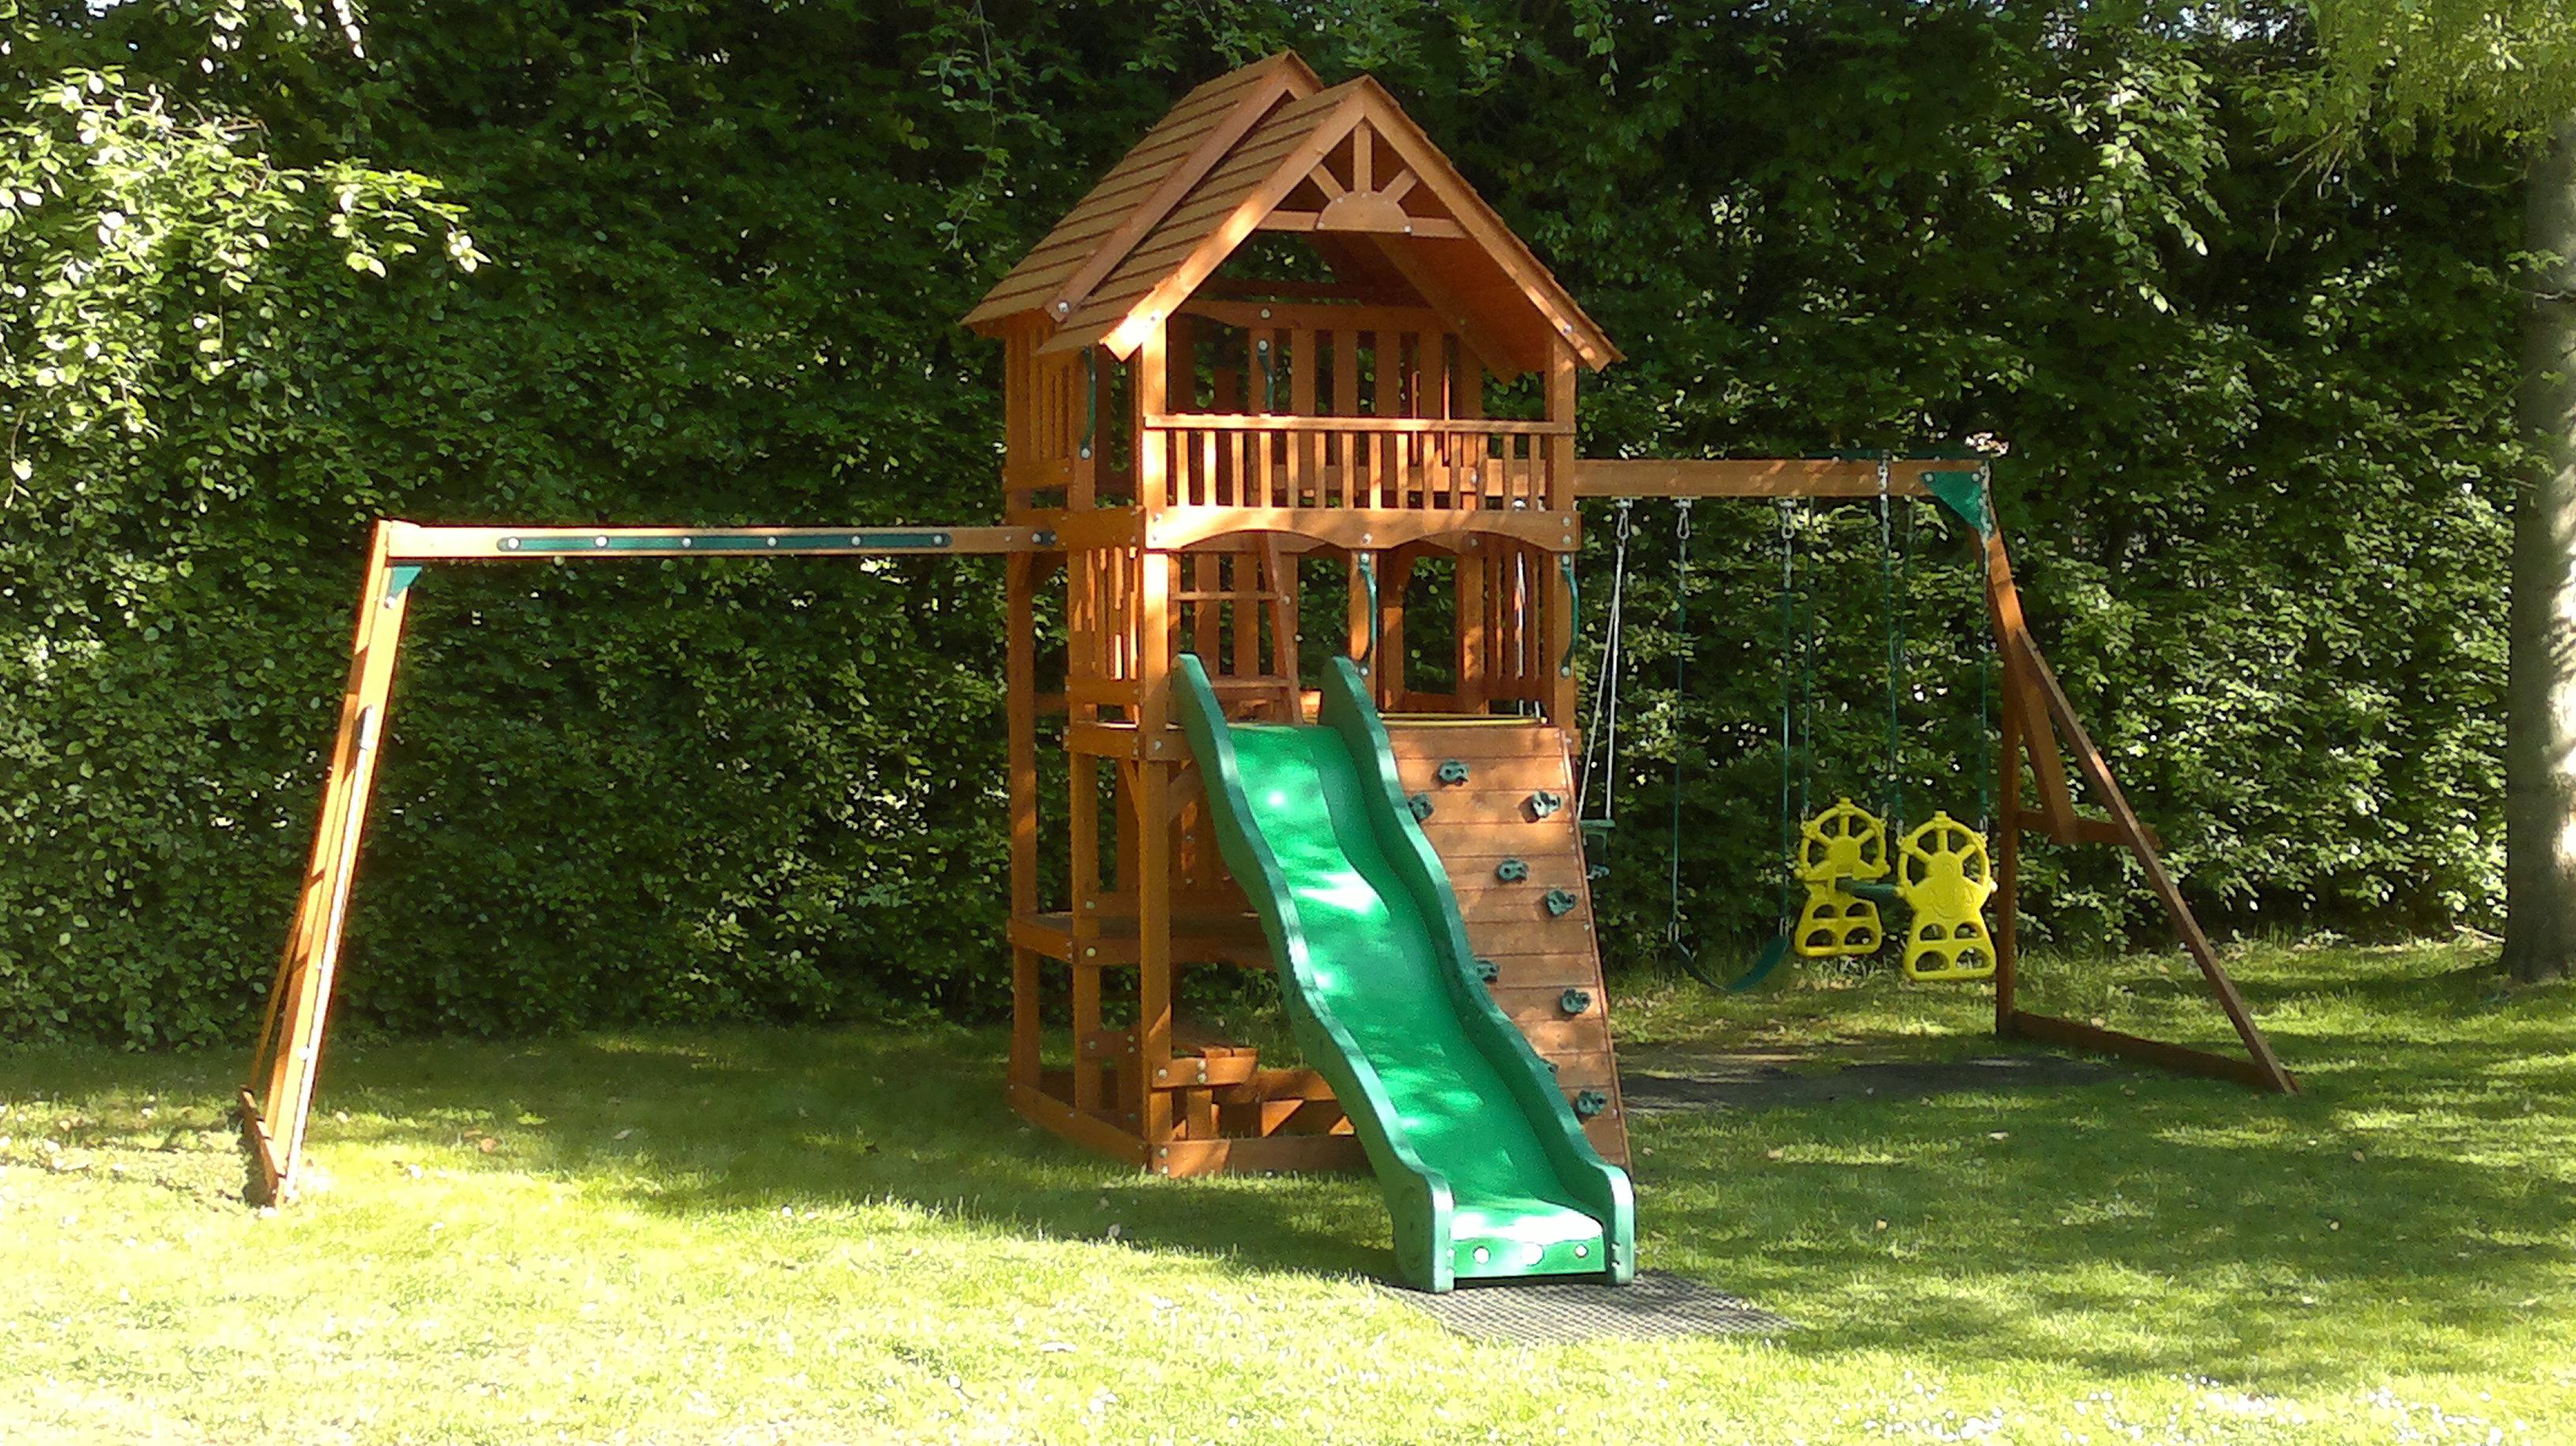 frame climbing frame installer. Black Bedroom Furniture Sets. Home Design Ideas